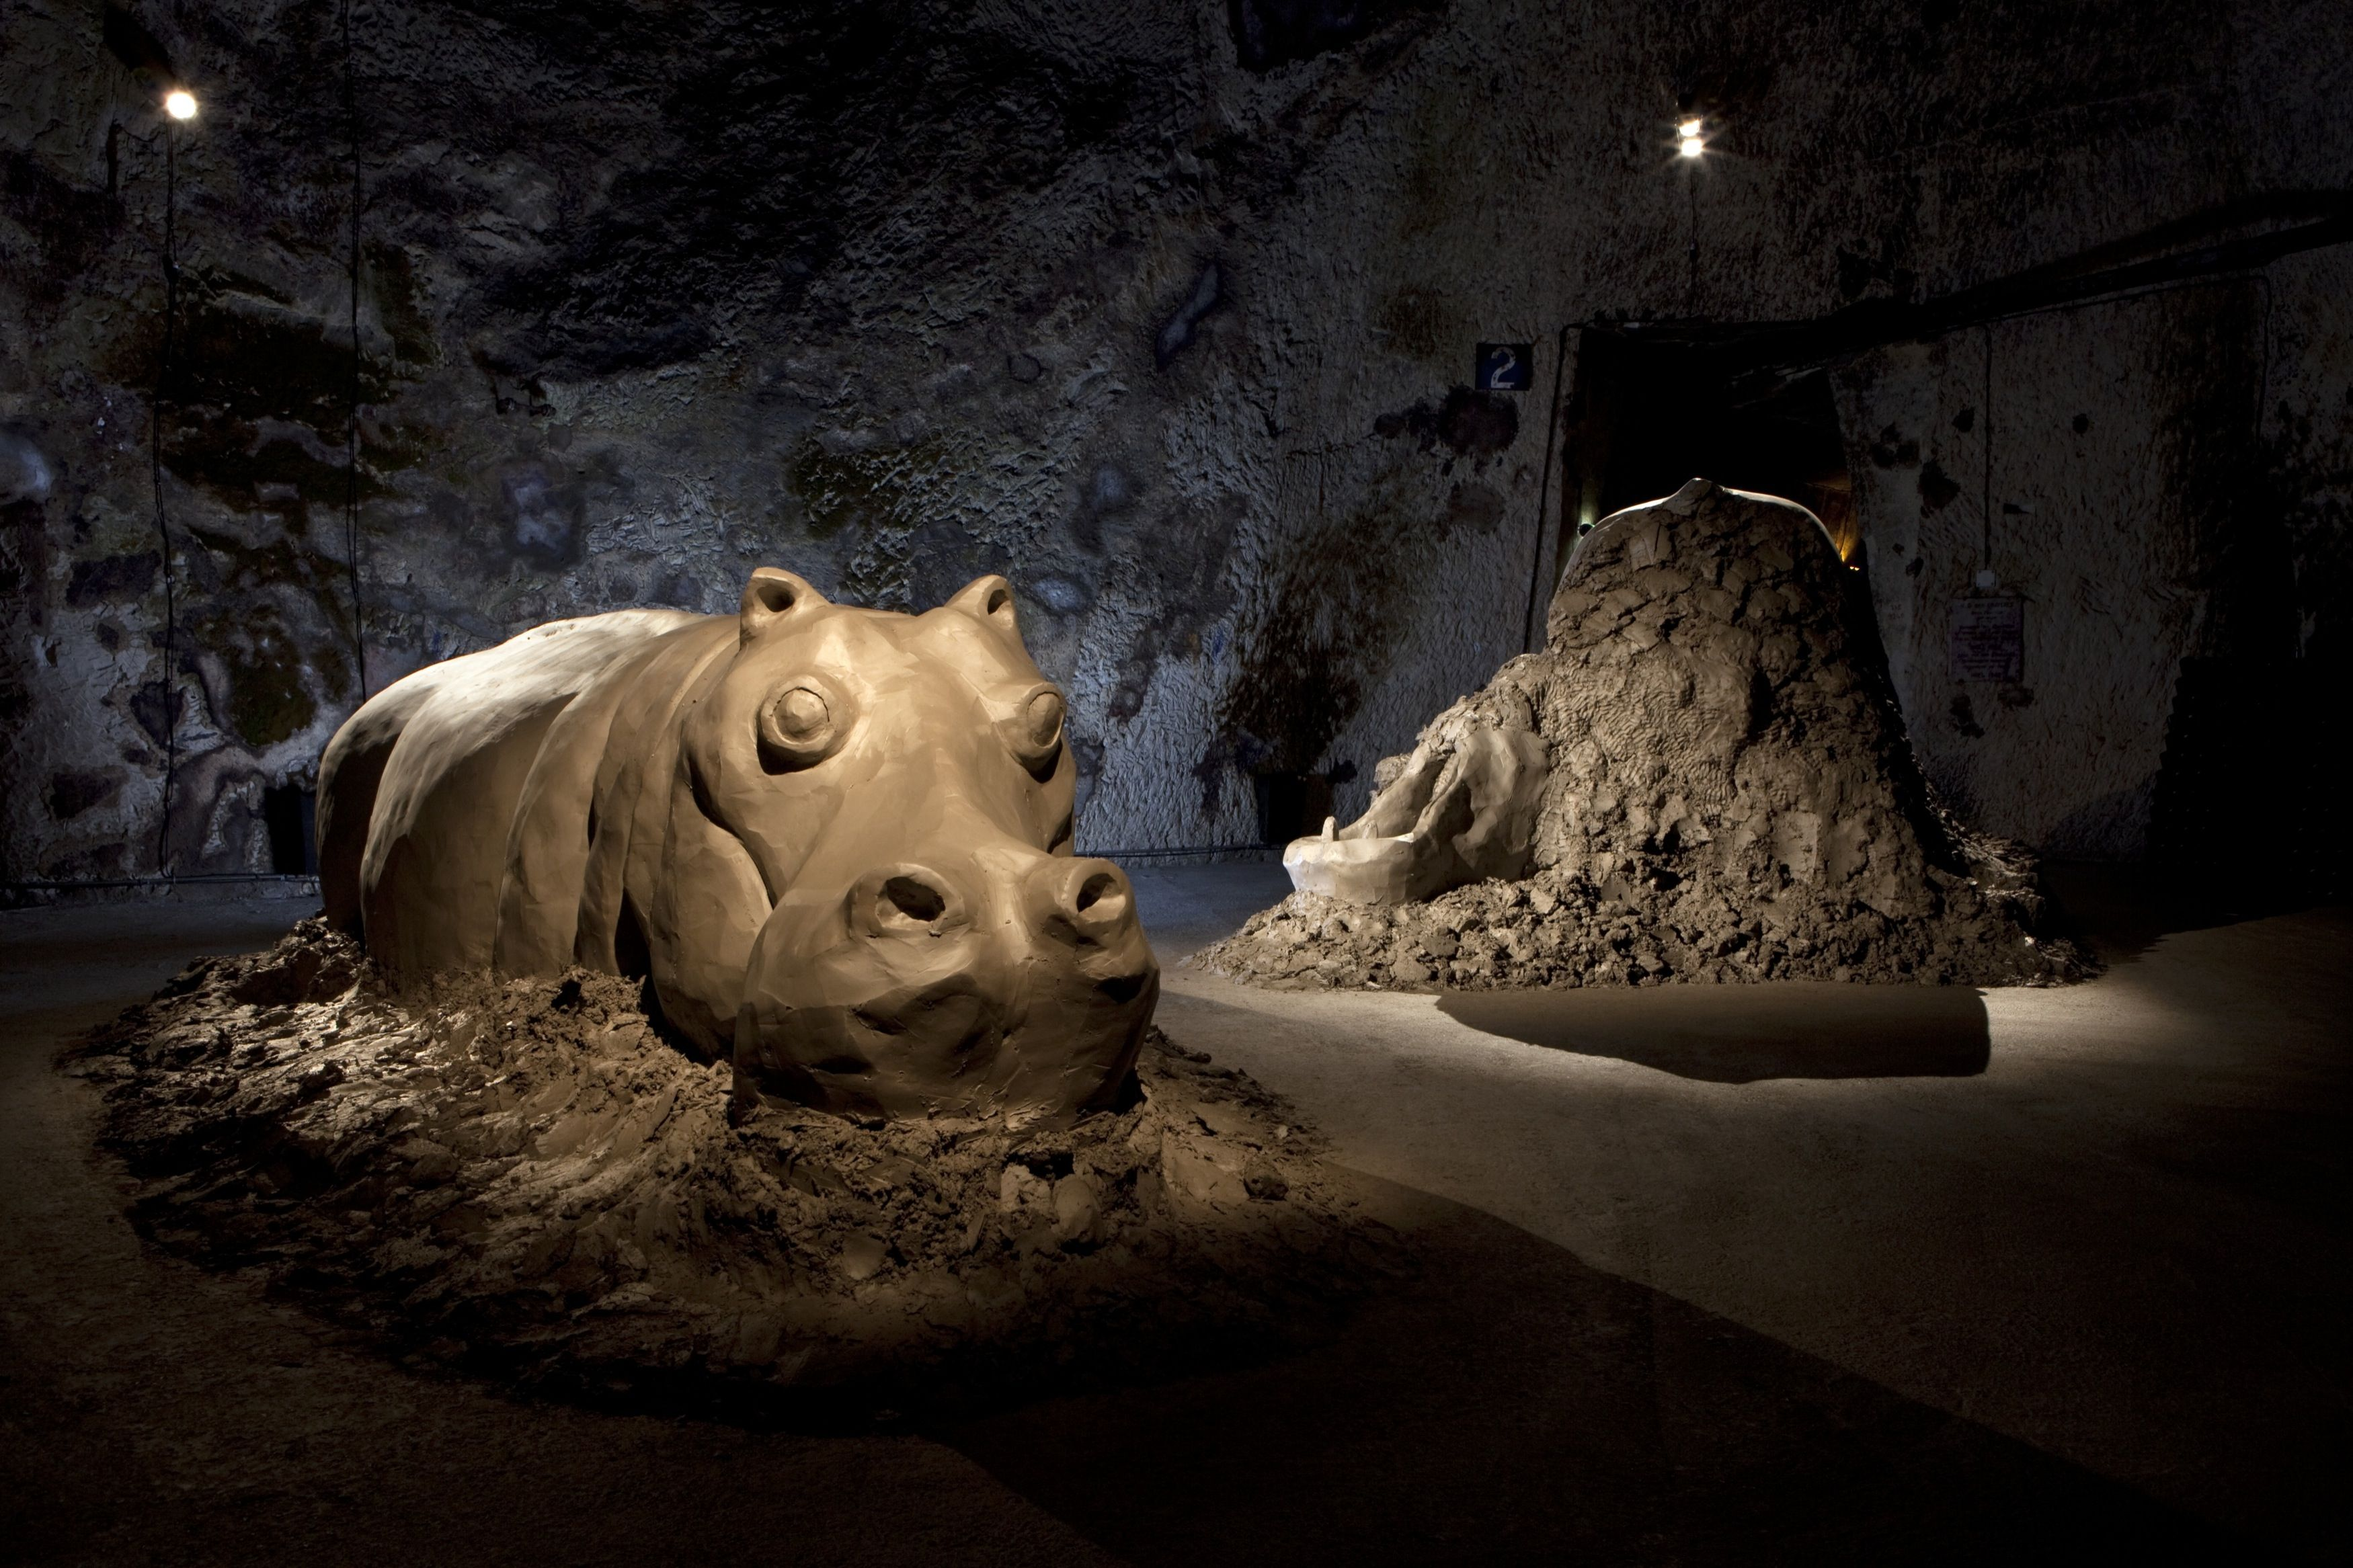 Dewar & Gicquel s'essayent à des techniques variées en amateurs purs et durs sur des matériaux le plus souvent bruts, faisant ainsi usage de sources d'inspirations régionalistes (voire cantonales), pour des sculptures essentiellement ex-situ.